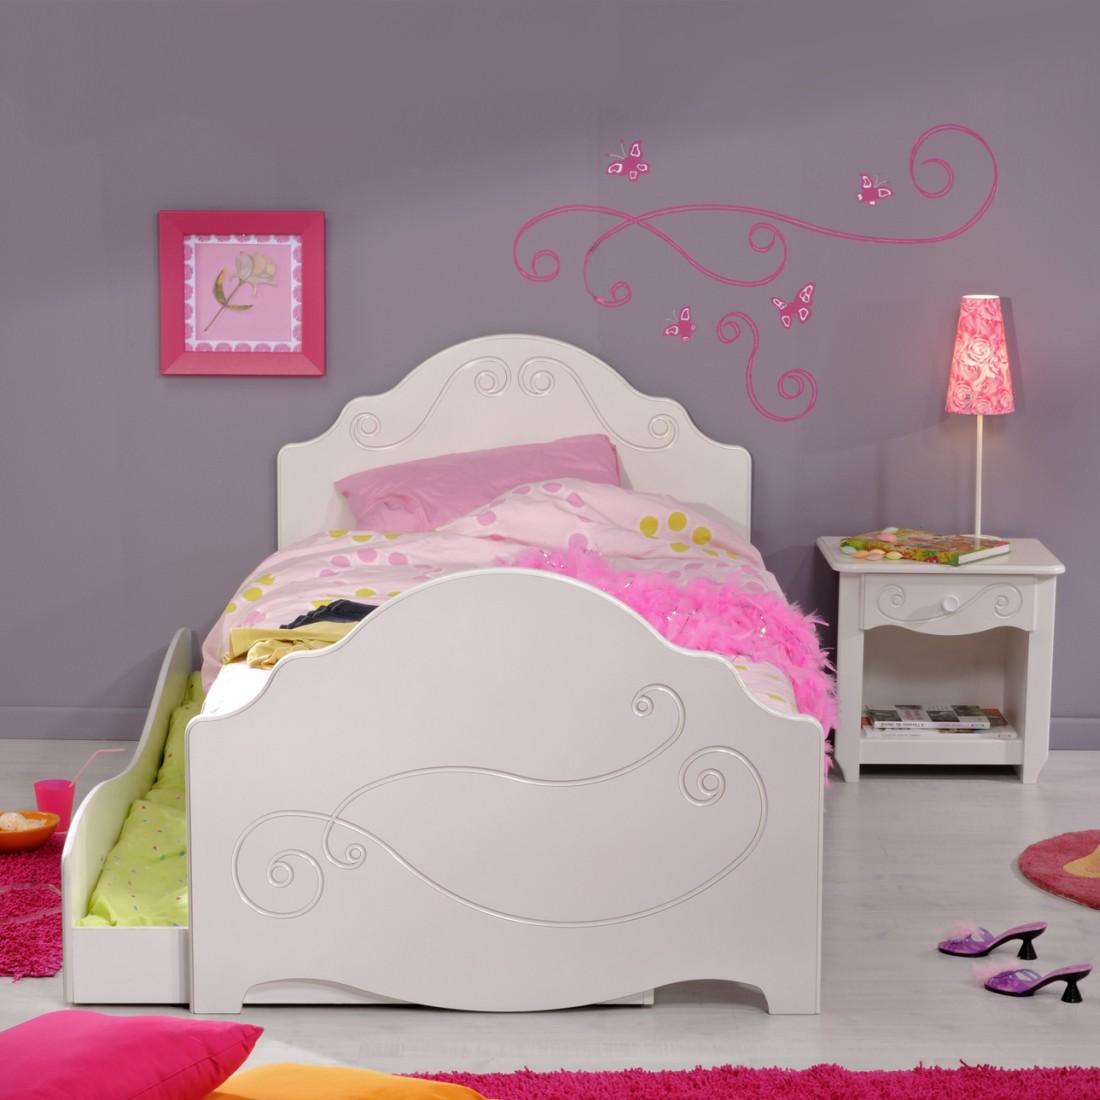 Sparset Alice (3-teilig) – Weiß lackiert – Bett, Bettschubkasten & Nachttisch, Parisot Meubles jetzt bestellen